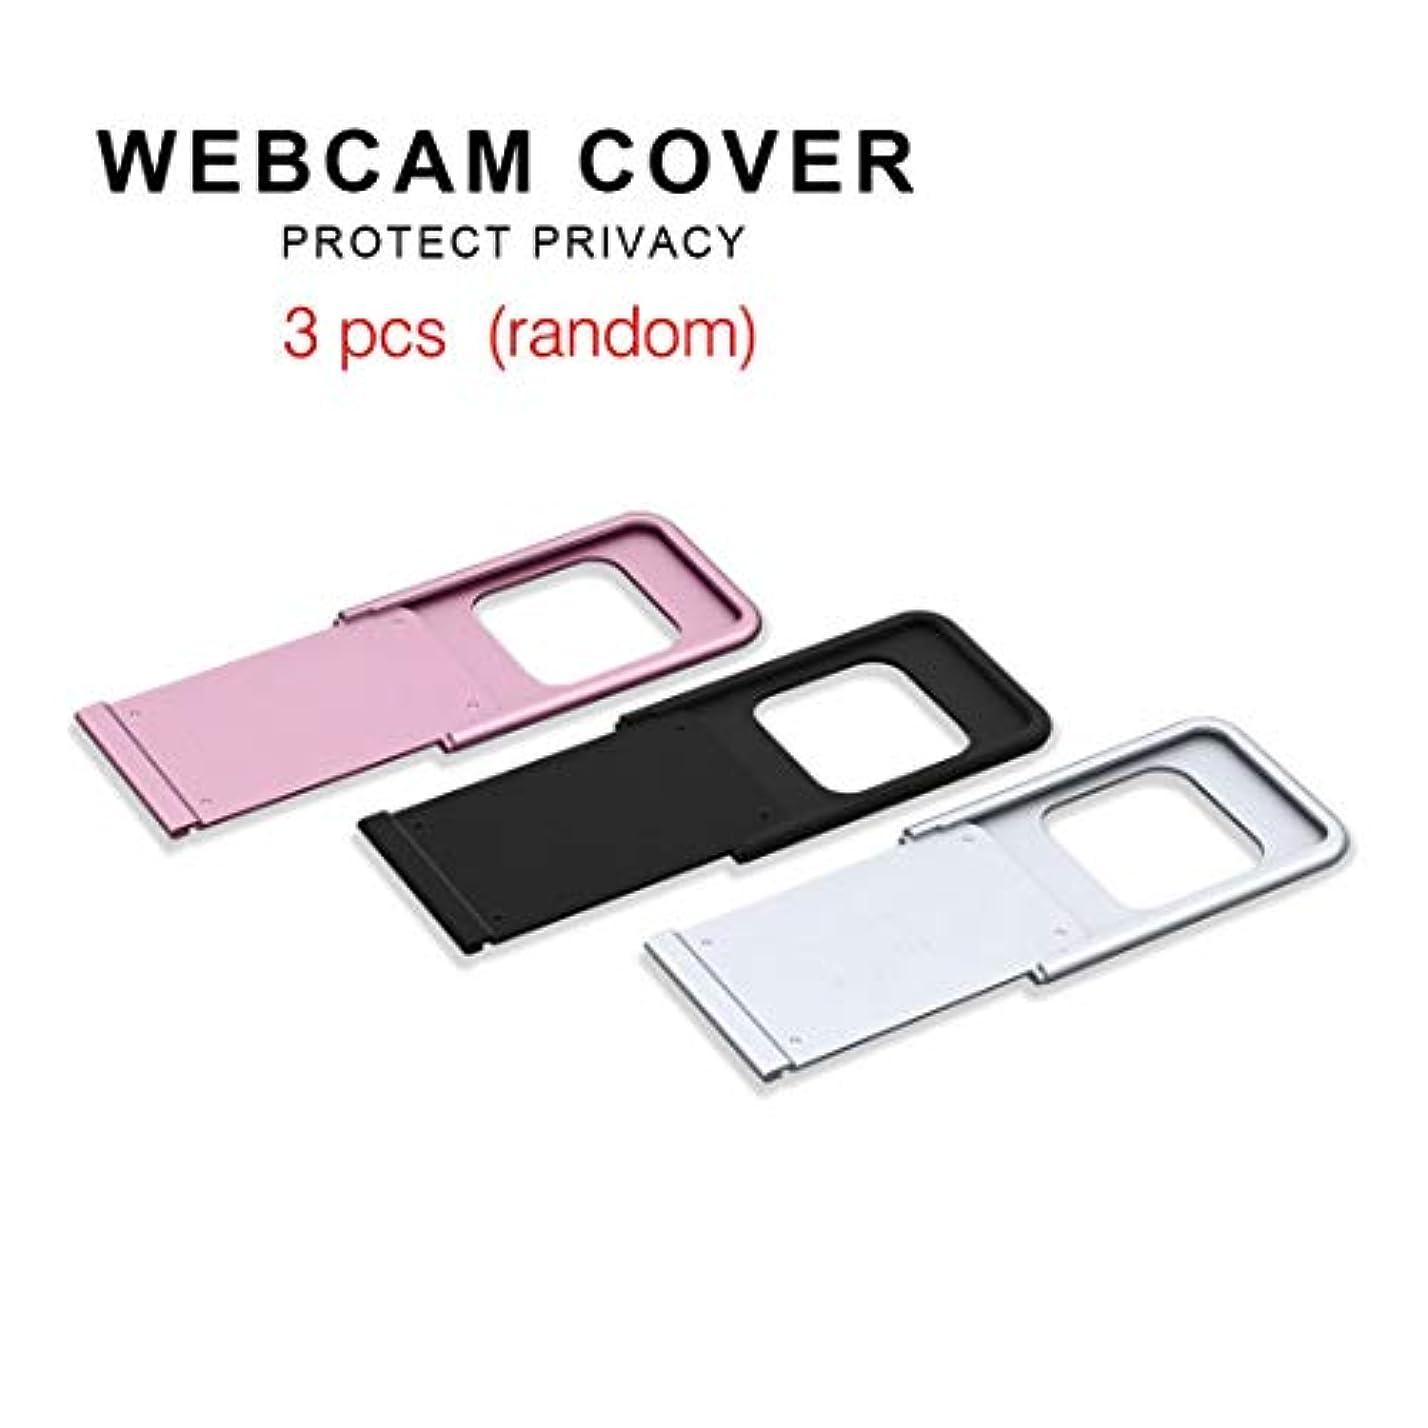 入射ベット関数Swiftgood D1メタルウェブカメラカバー極薄ウェブカメラカバープライバシー保護シャッター